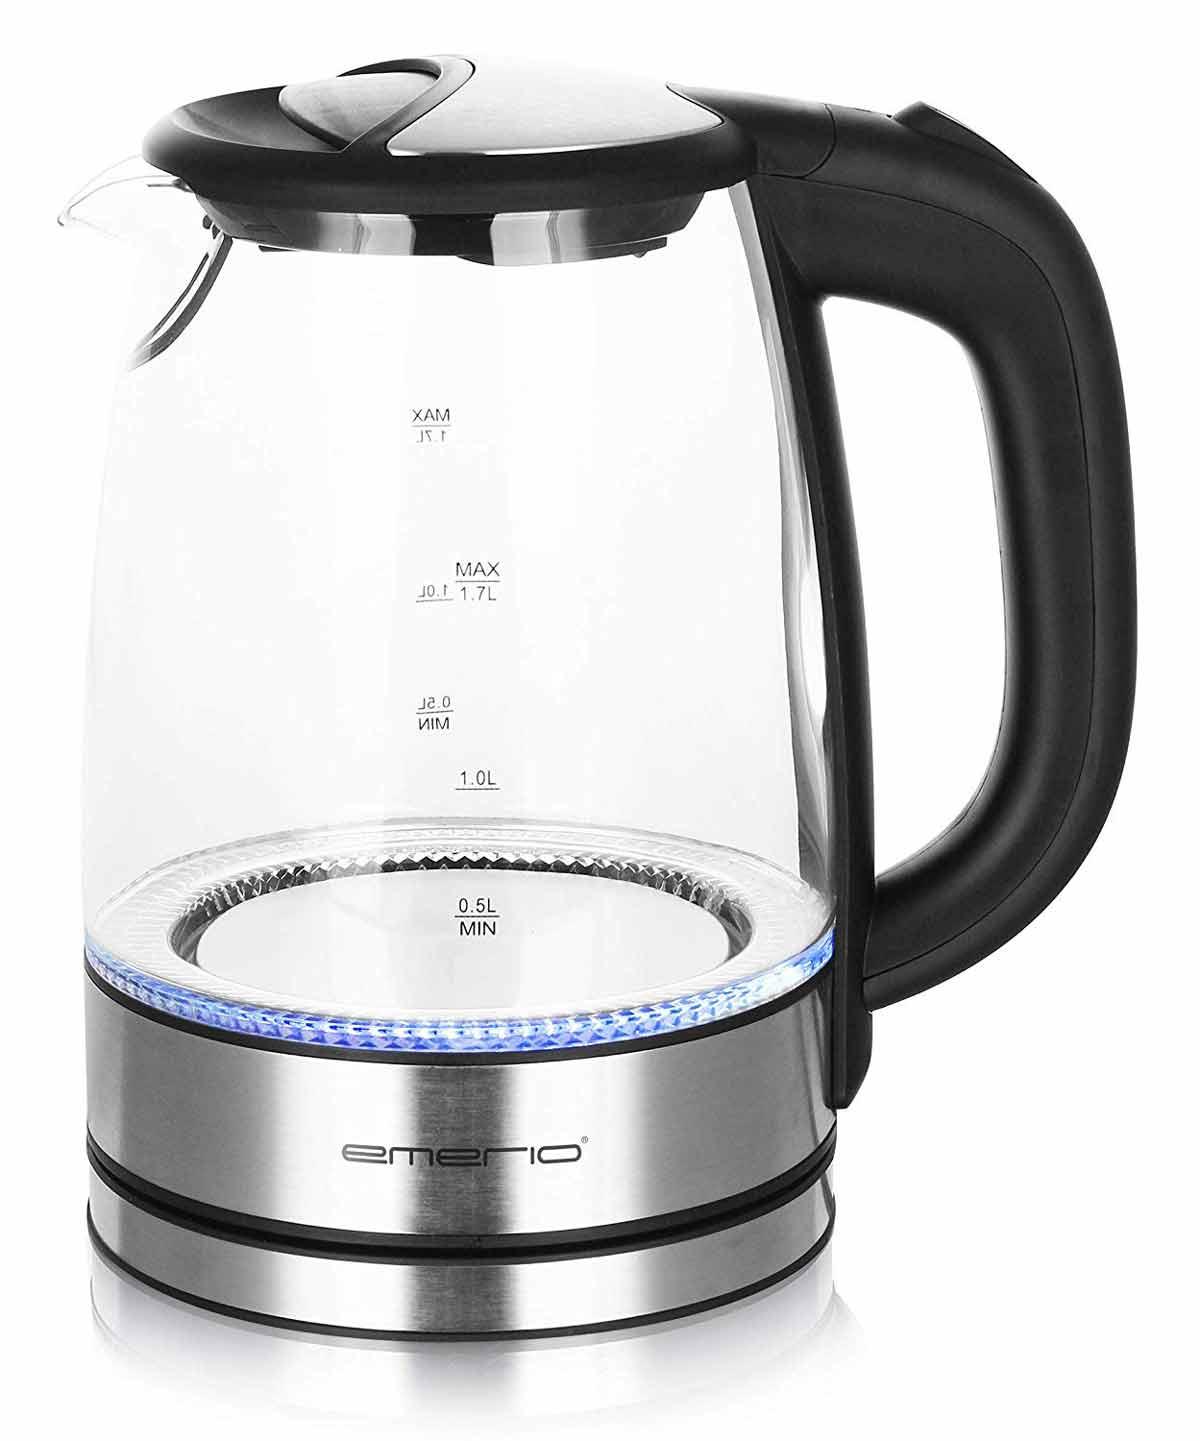 Emerio WK-119988 Glas-Wasserkocher 1,7 Liter – Bild 4